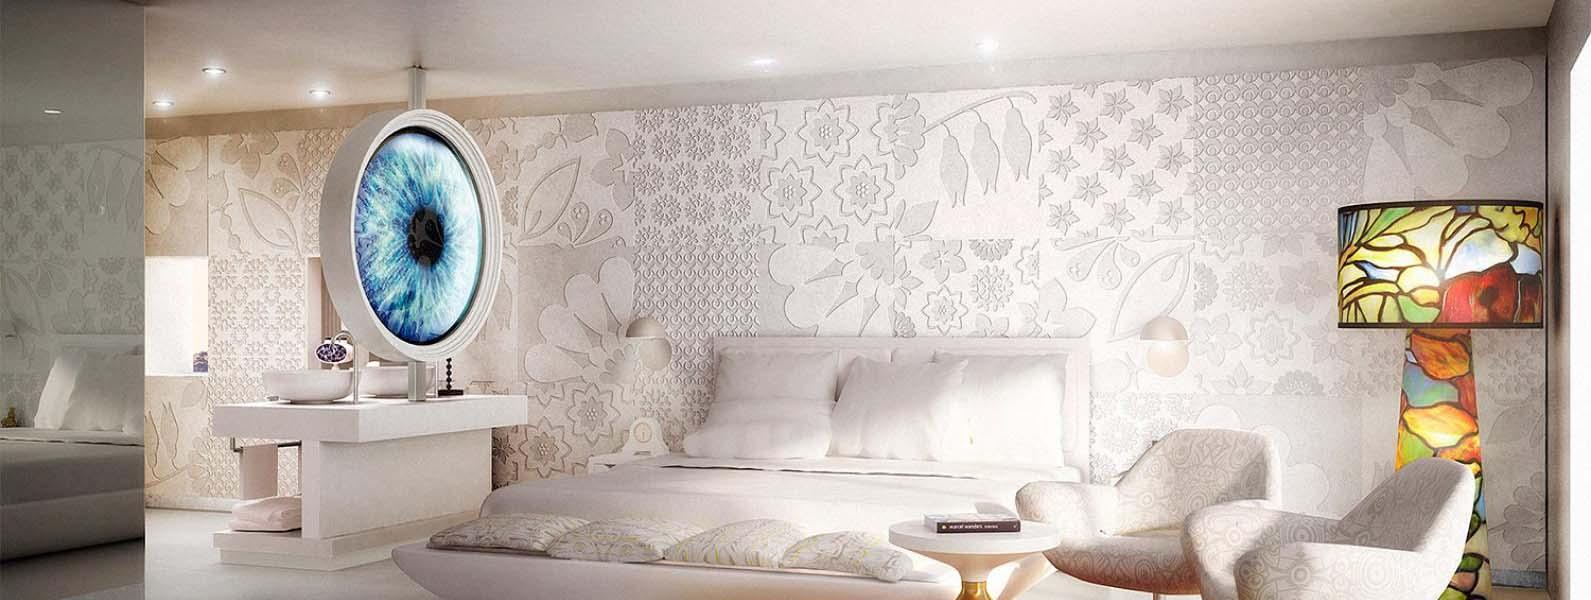 IBEROSTAR GRAND HOTEL PORTALS MARCEL WANDERS - 1